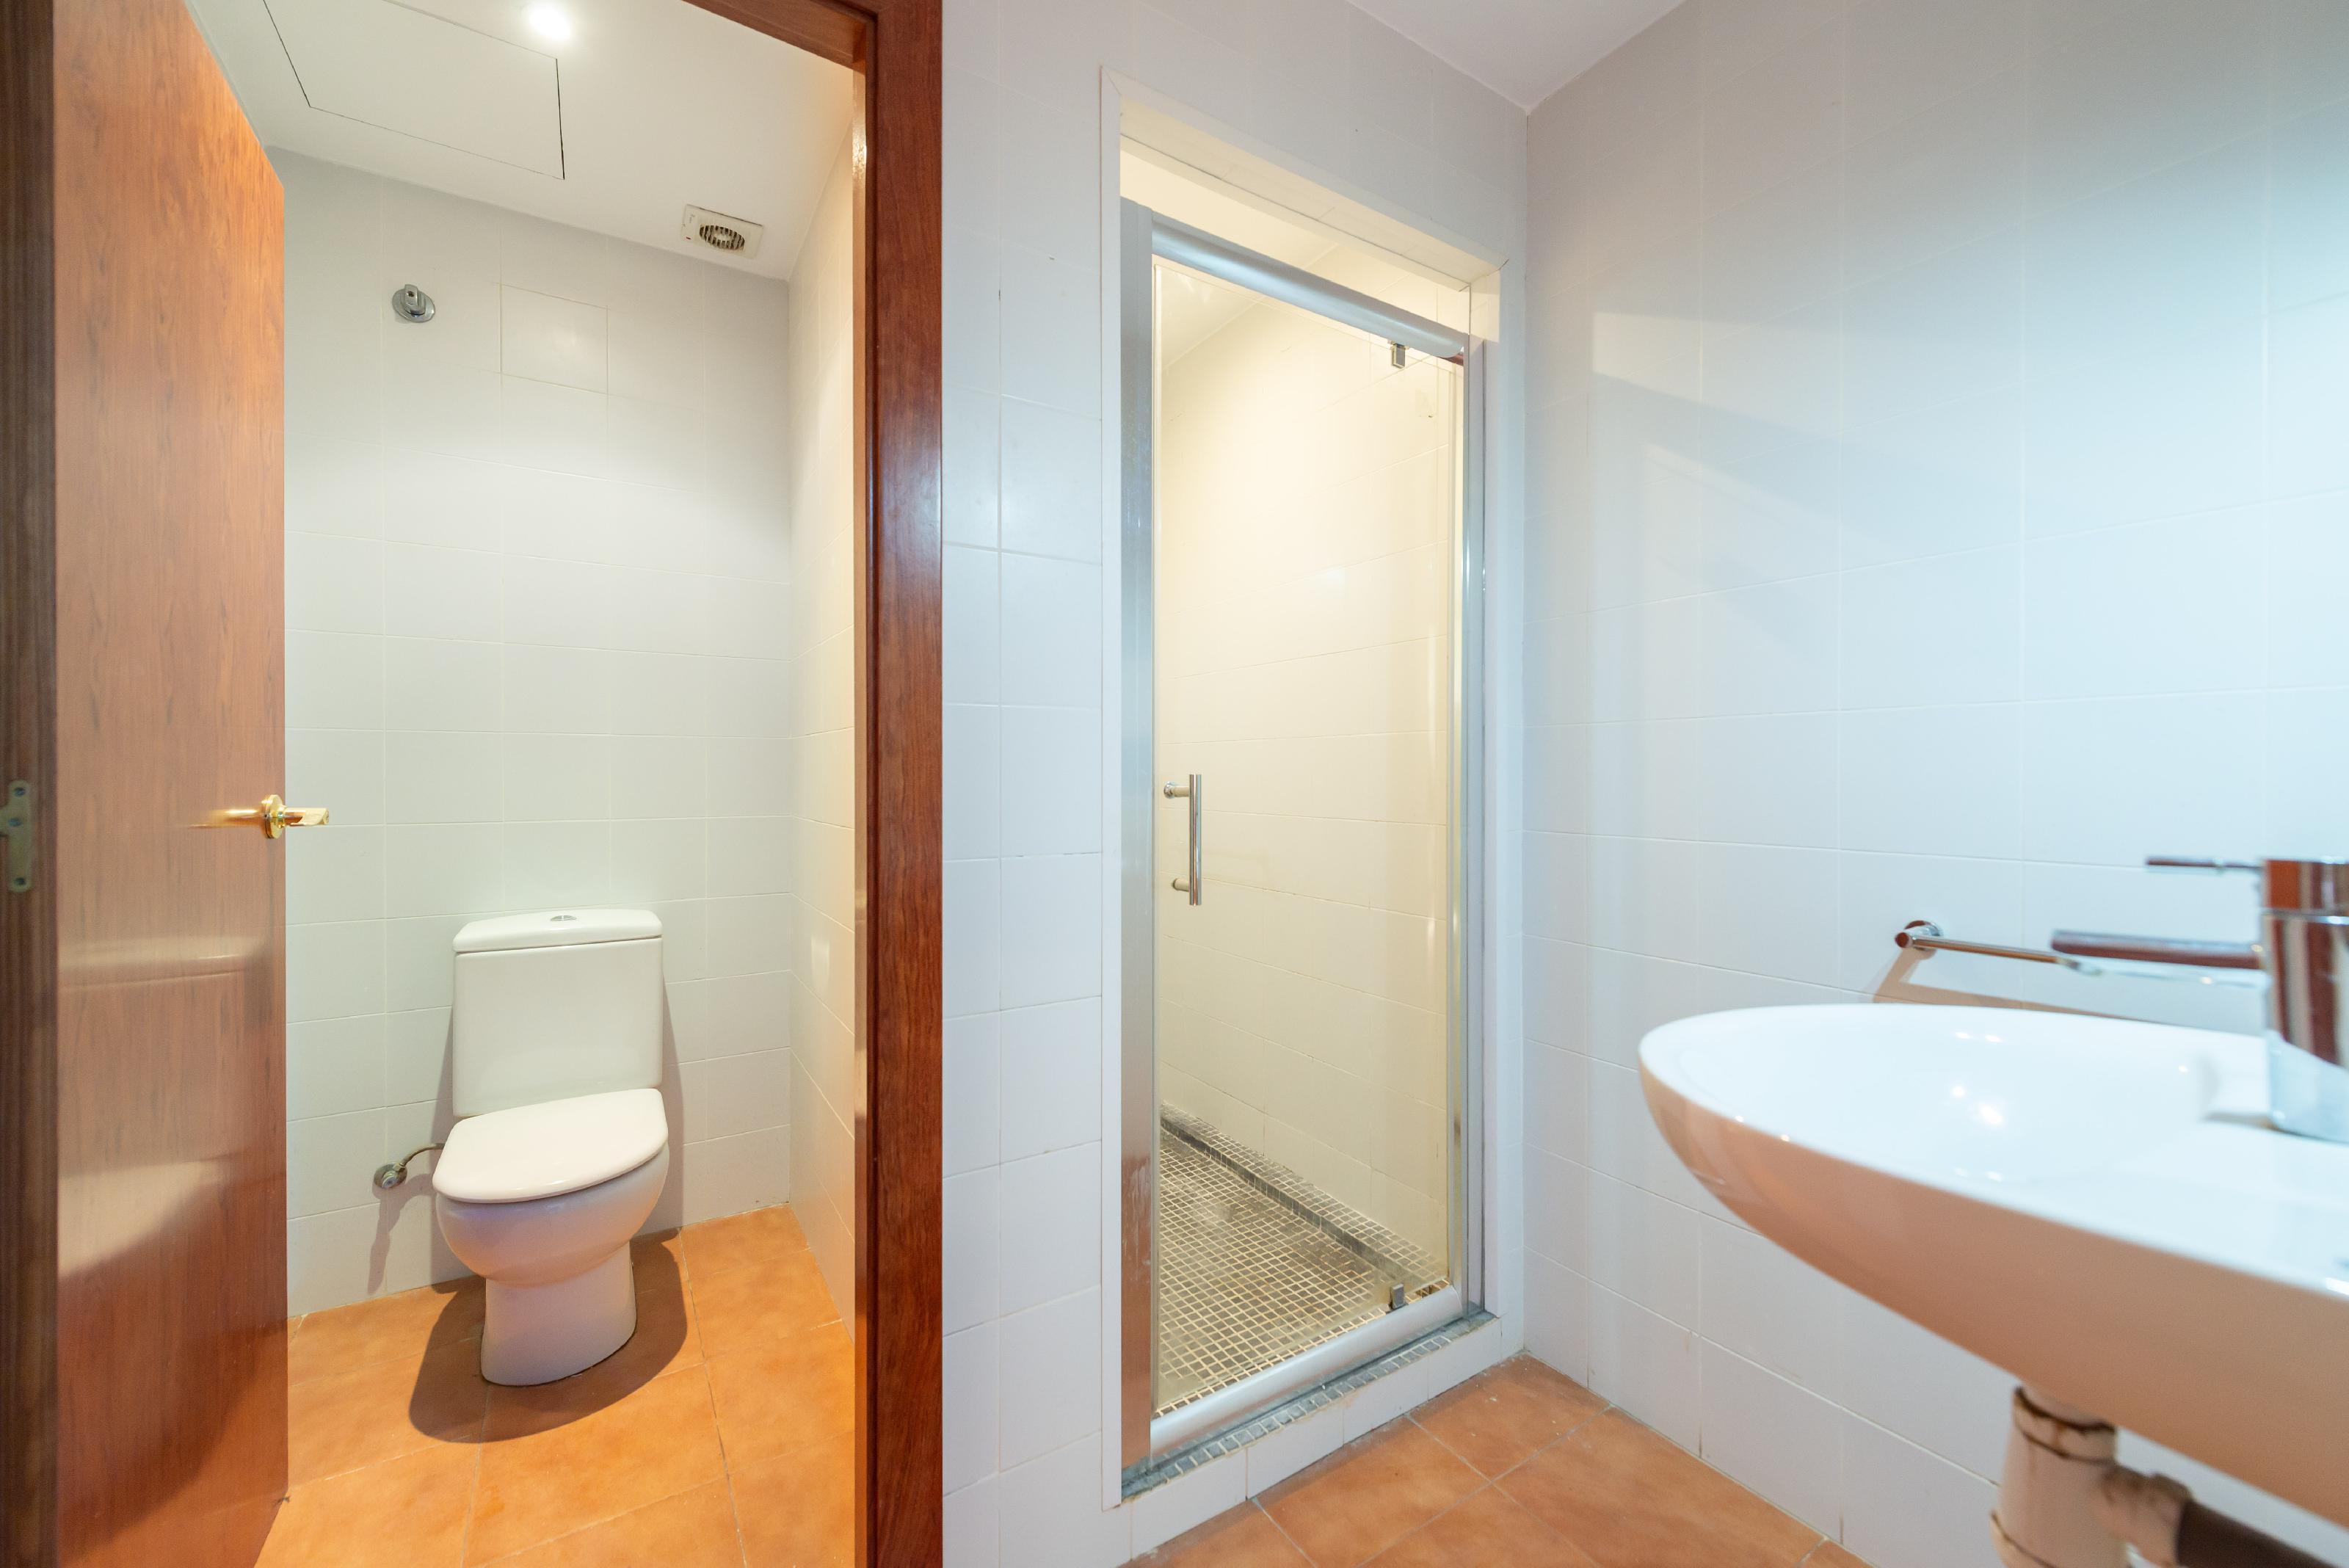 246065 Flat for sale in Sarrià-Sant Gervasi, Sarrià 15